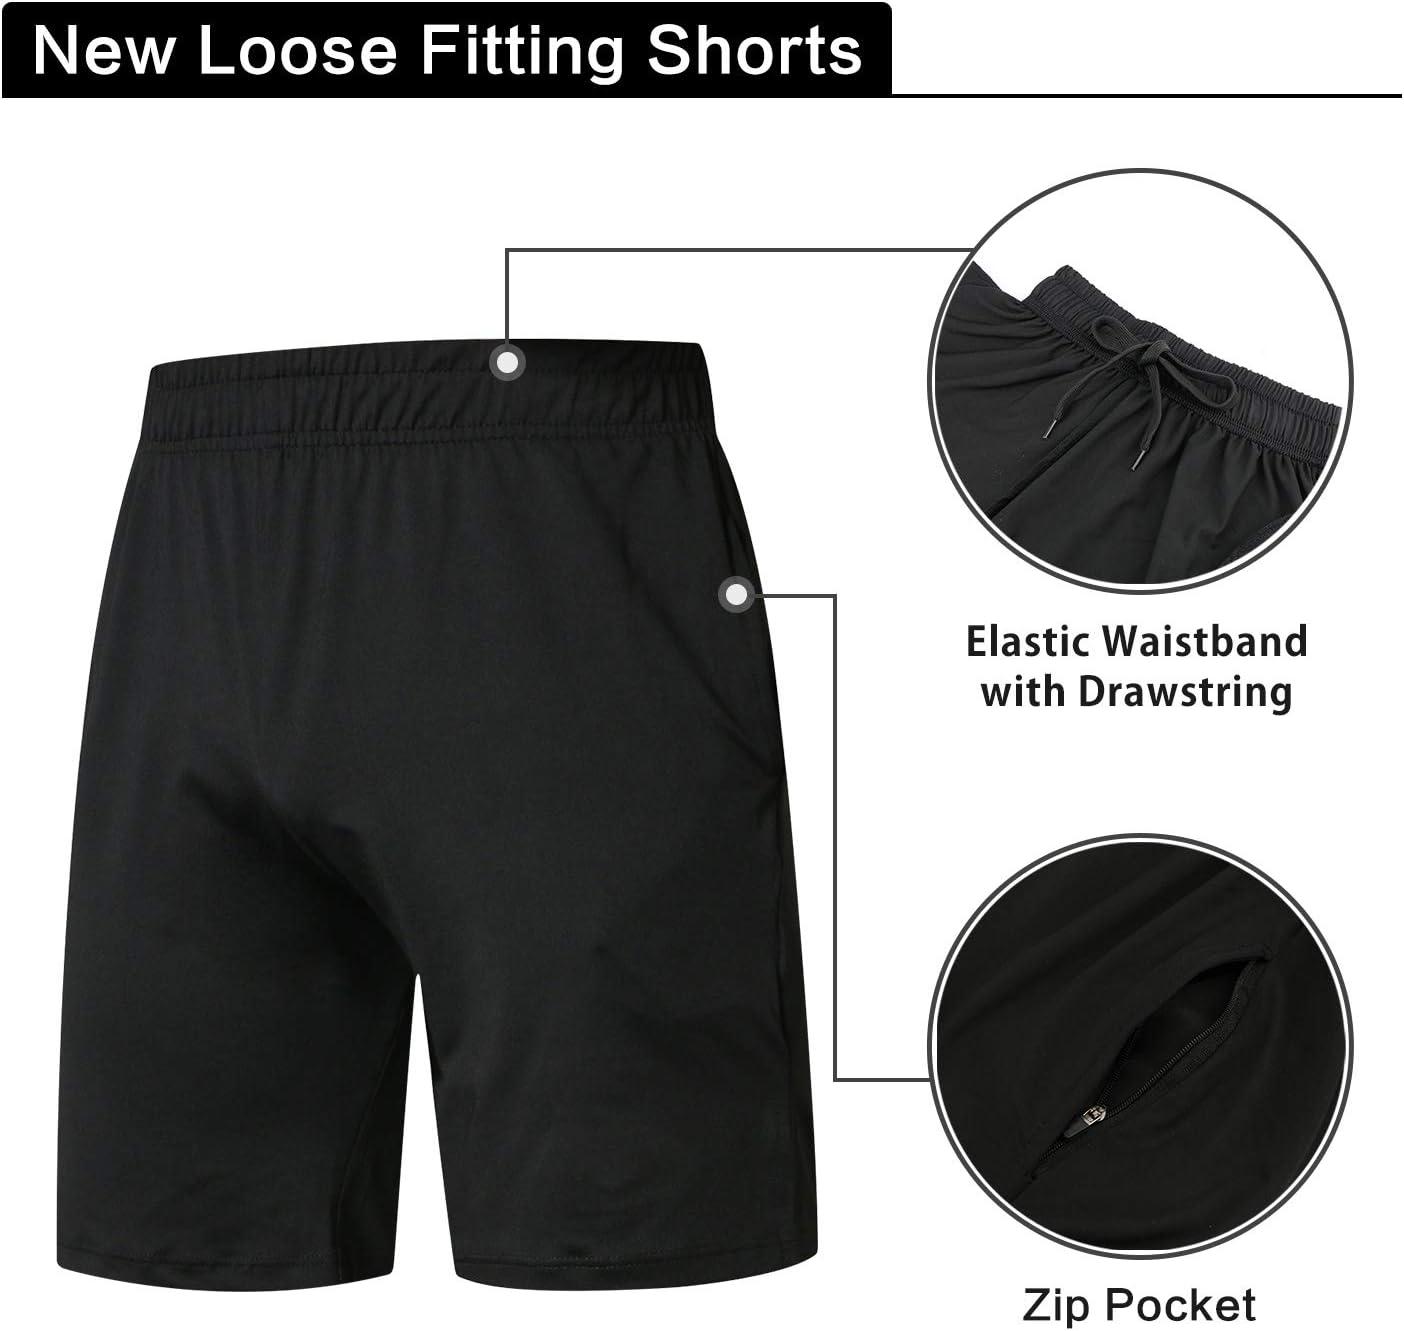 X-Future Men Sport Shirts /& Beach Shorts Summer Lightweight Short Sleeve 2 Pieces Suits Outfits